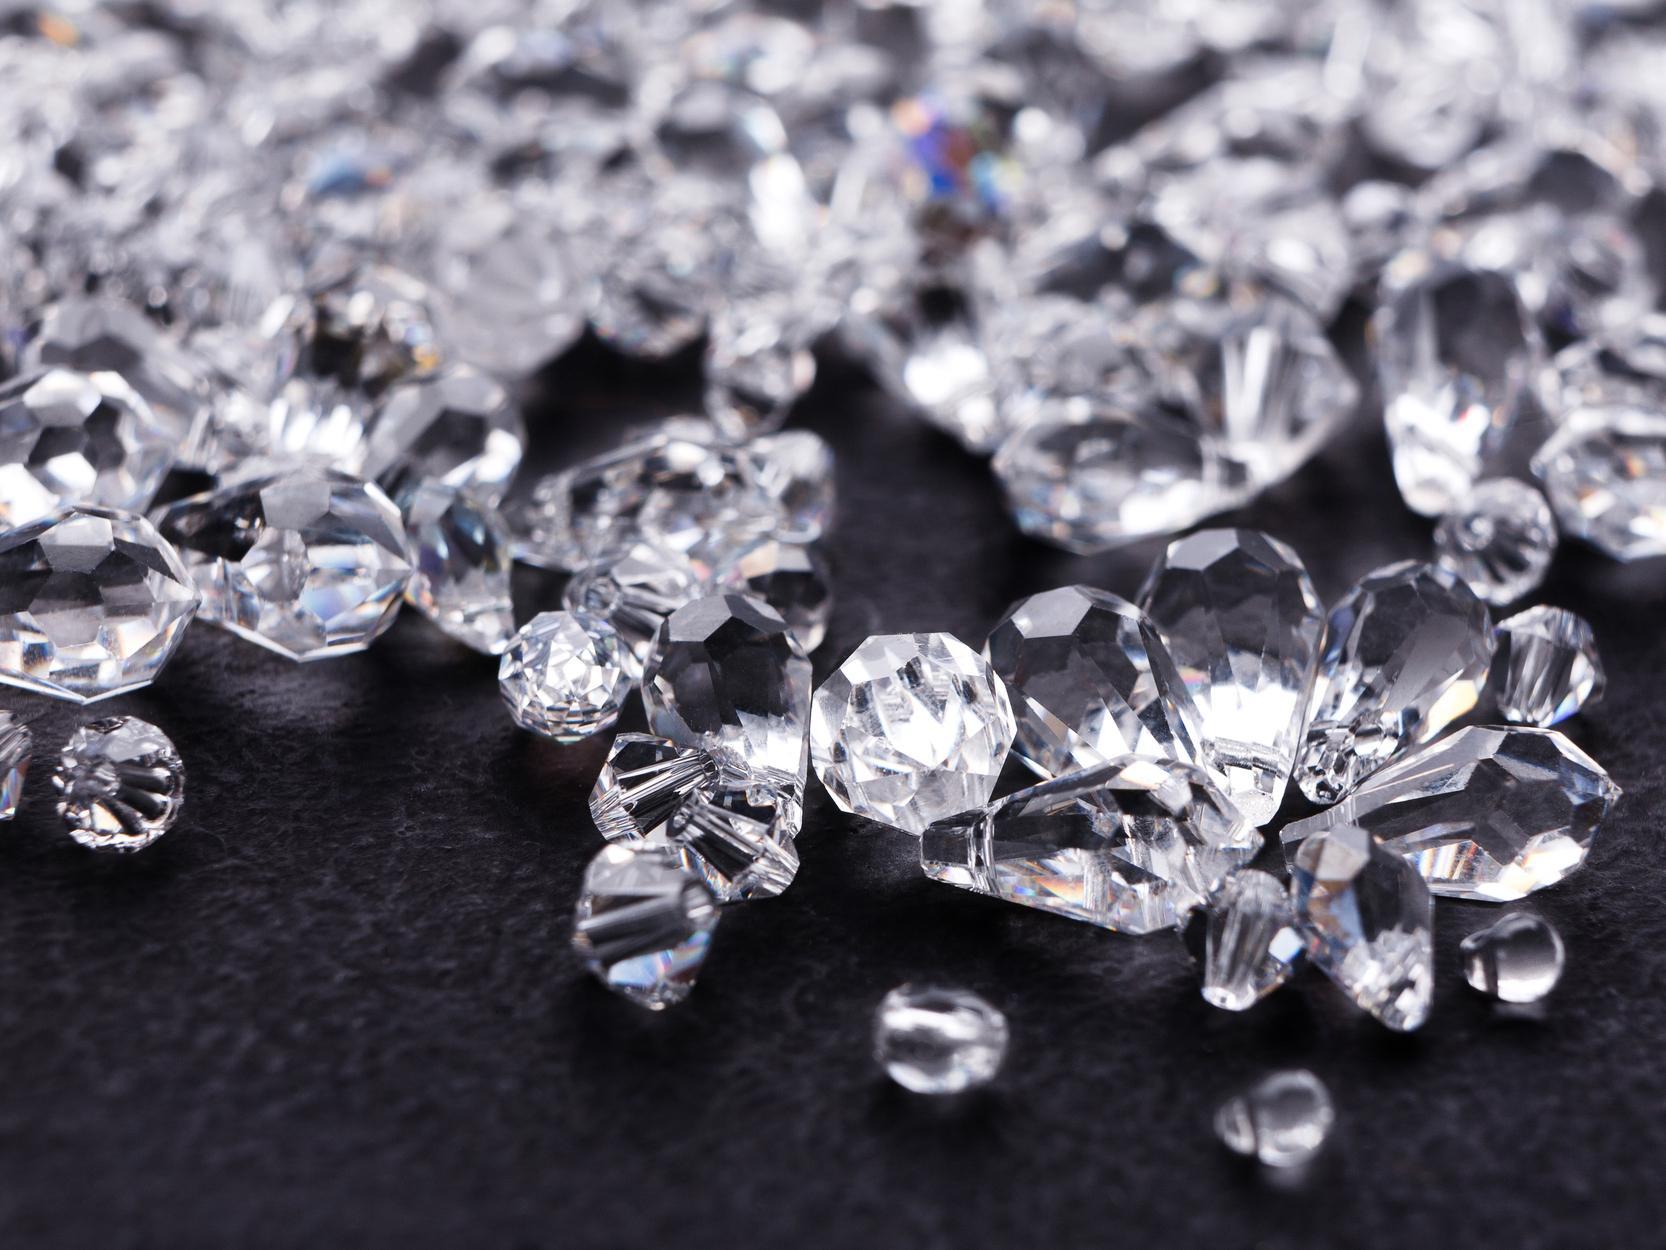 Pesquisadores estudam novas formas de carbono tão resistentes quanto diamante